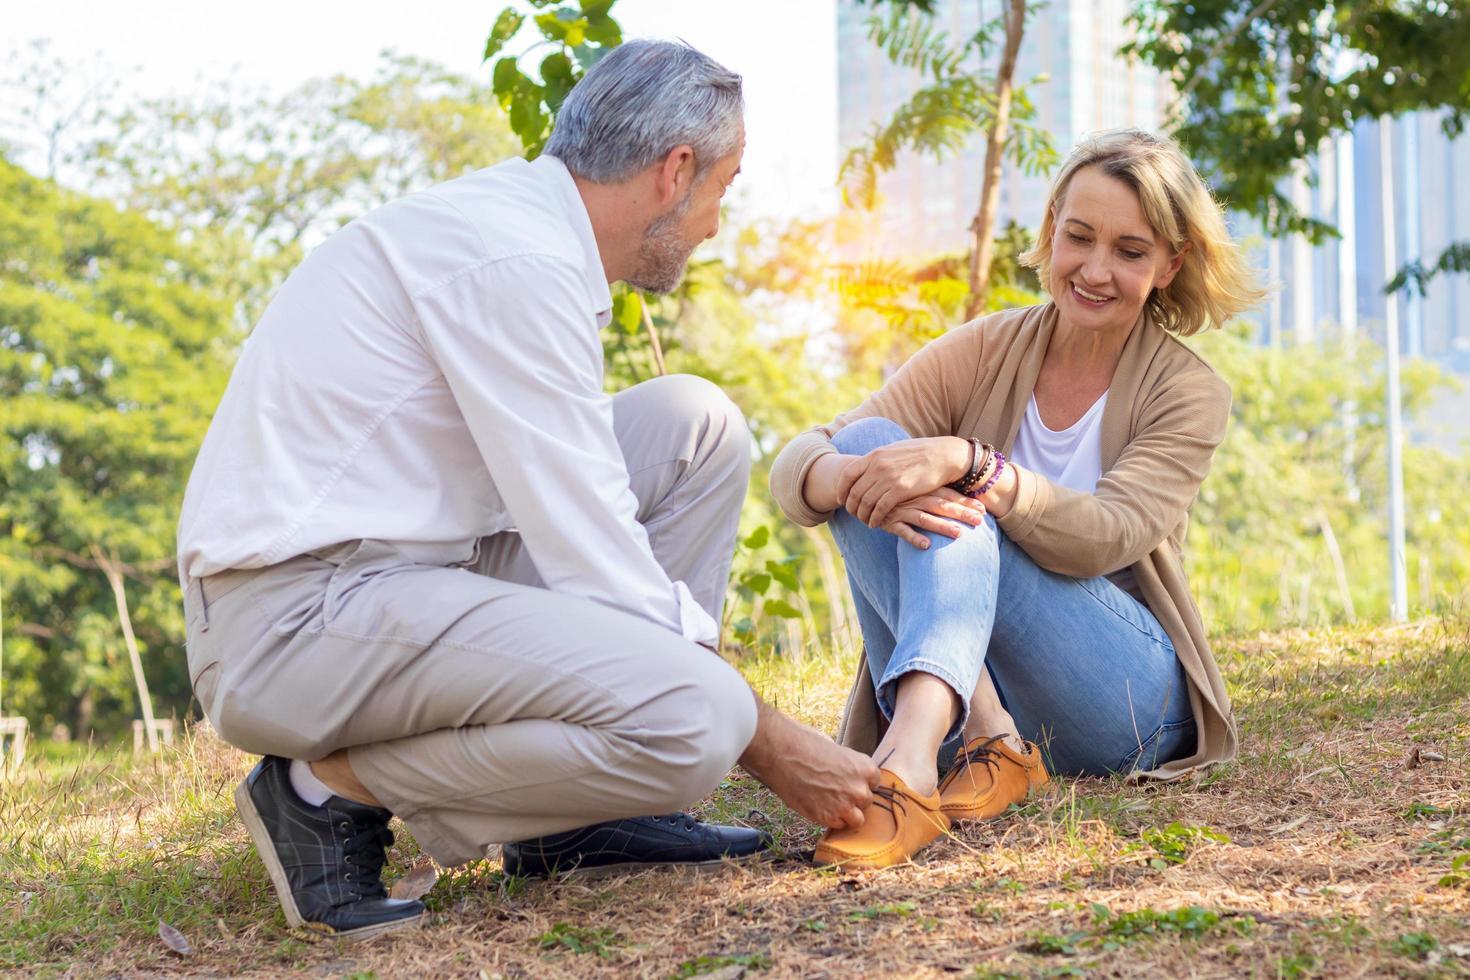 man slipsskor för kvinna. äldre tillbringar sin semester i parken lyckligt i pension. foto